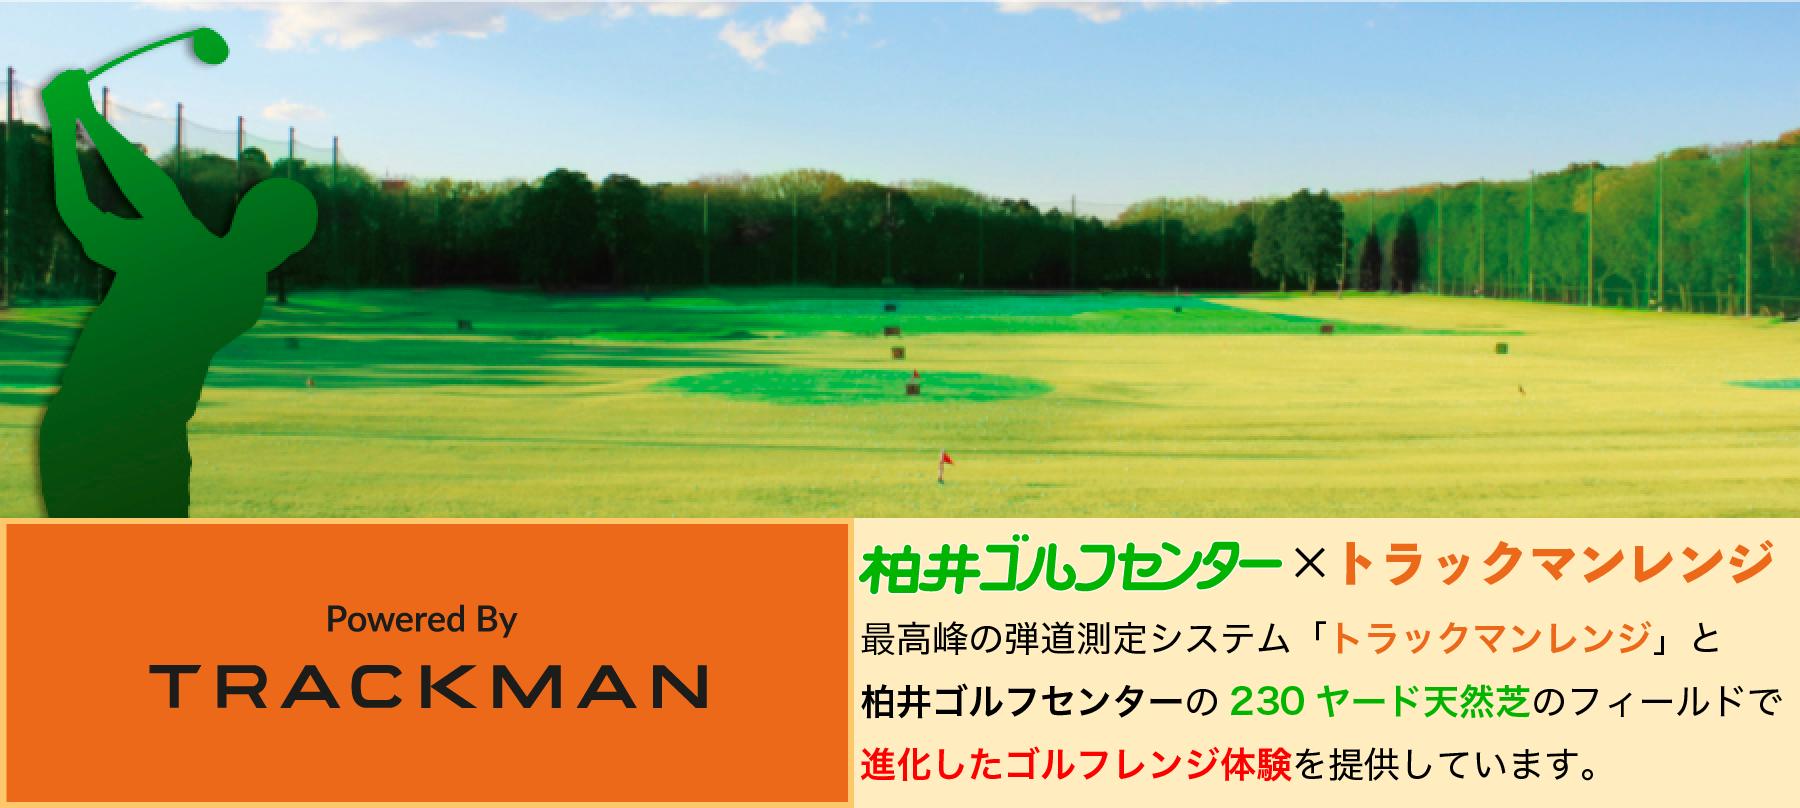 実測230ヤード 天然芝